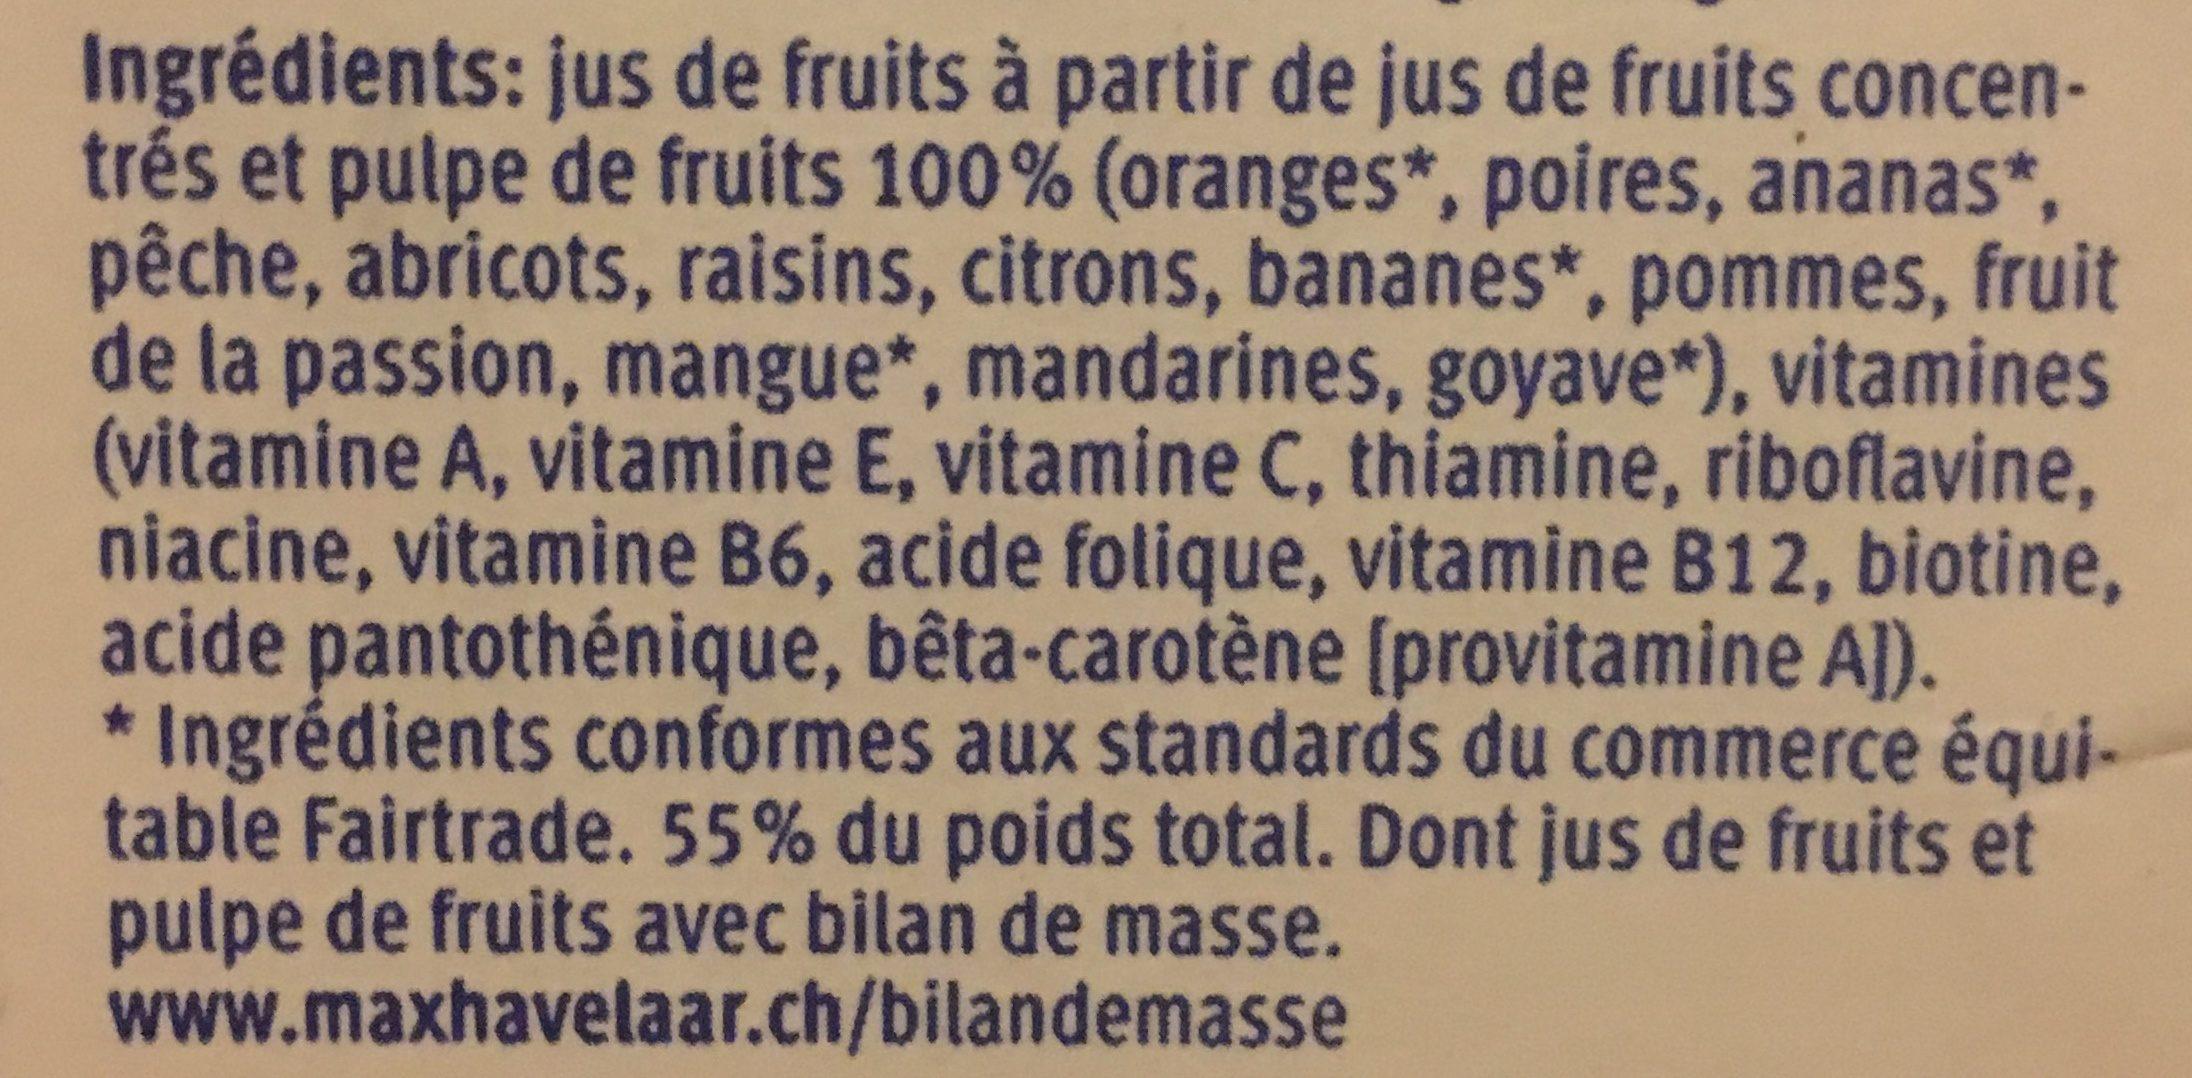 Gold Multivitamin saft 1L - Ingredients - fr